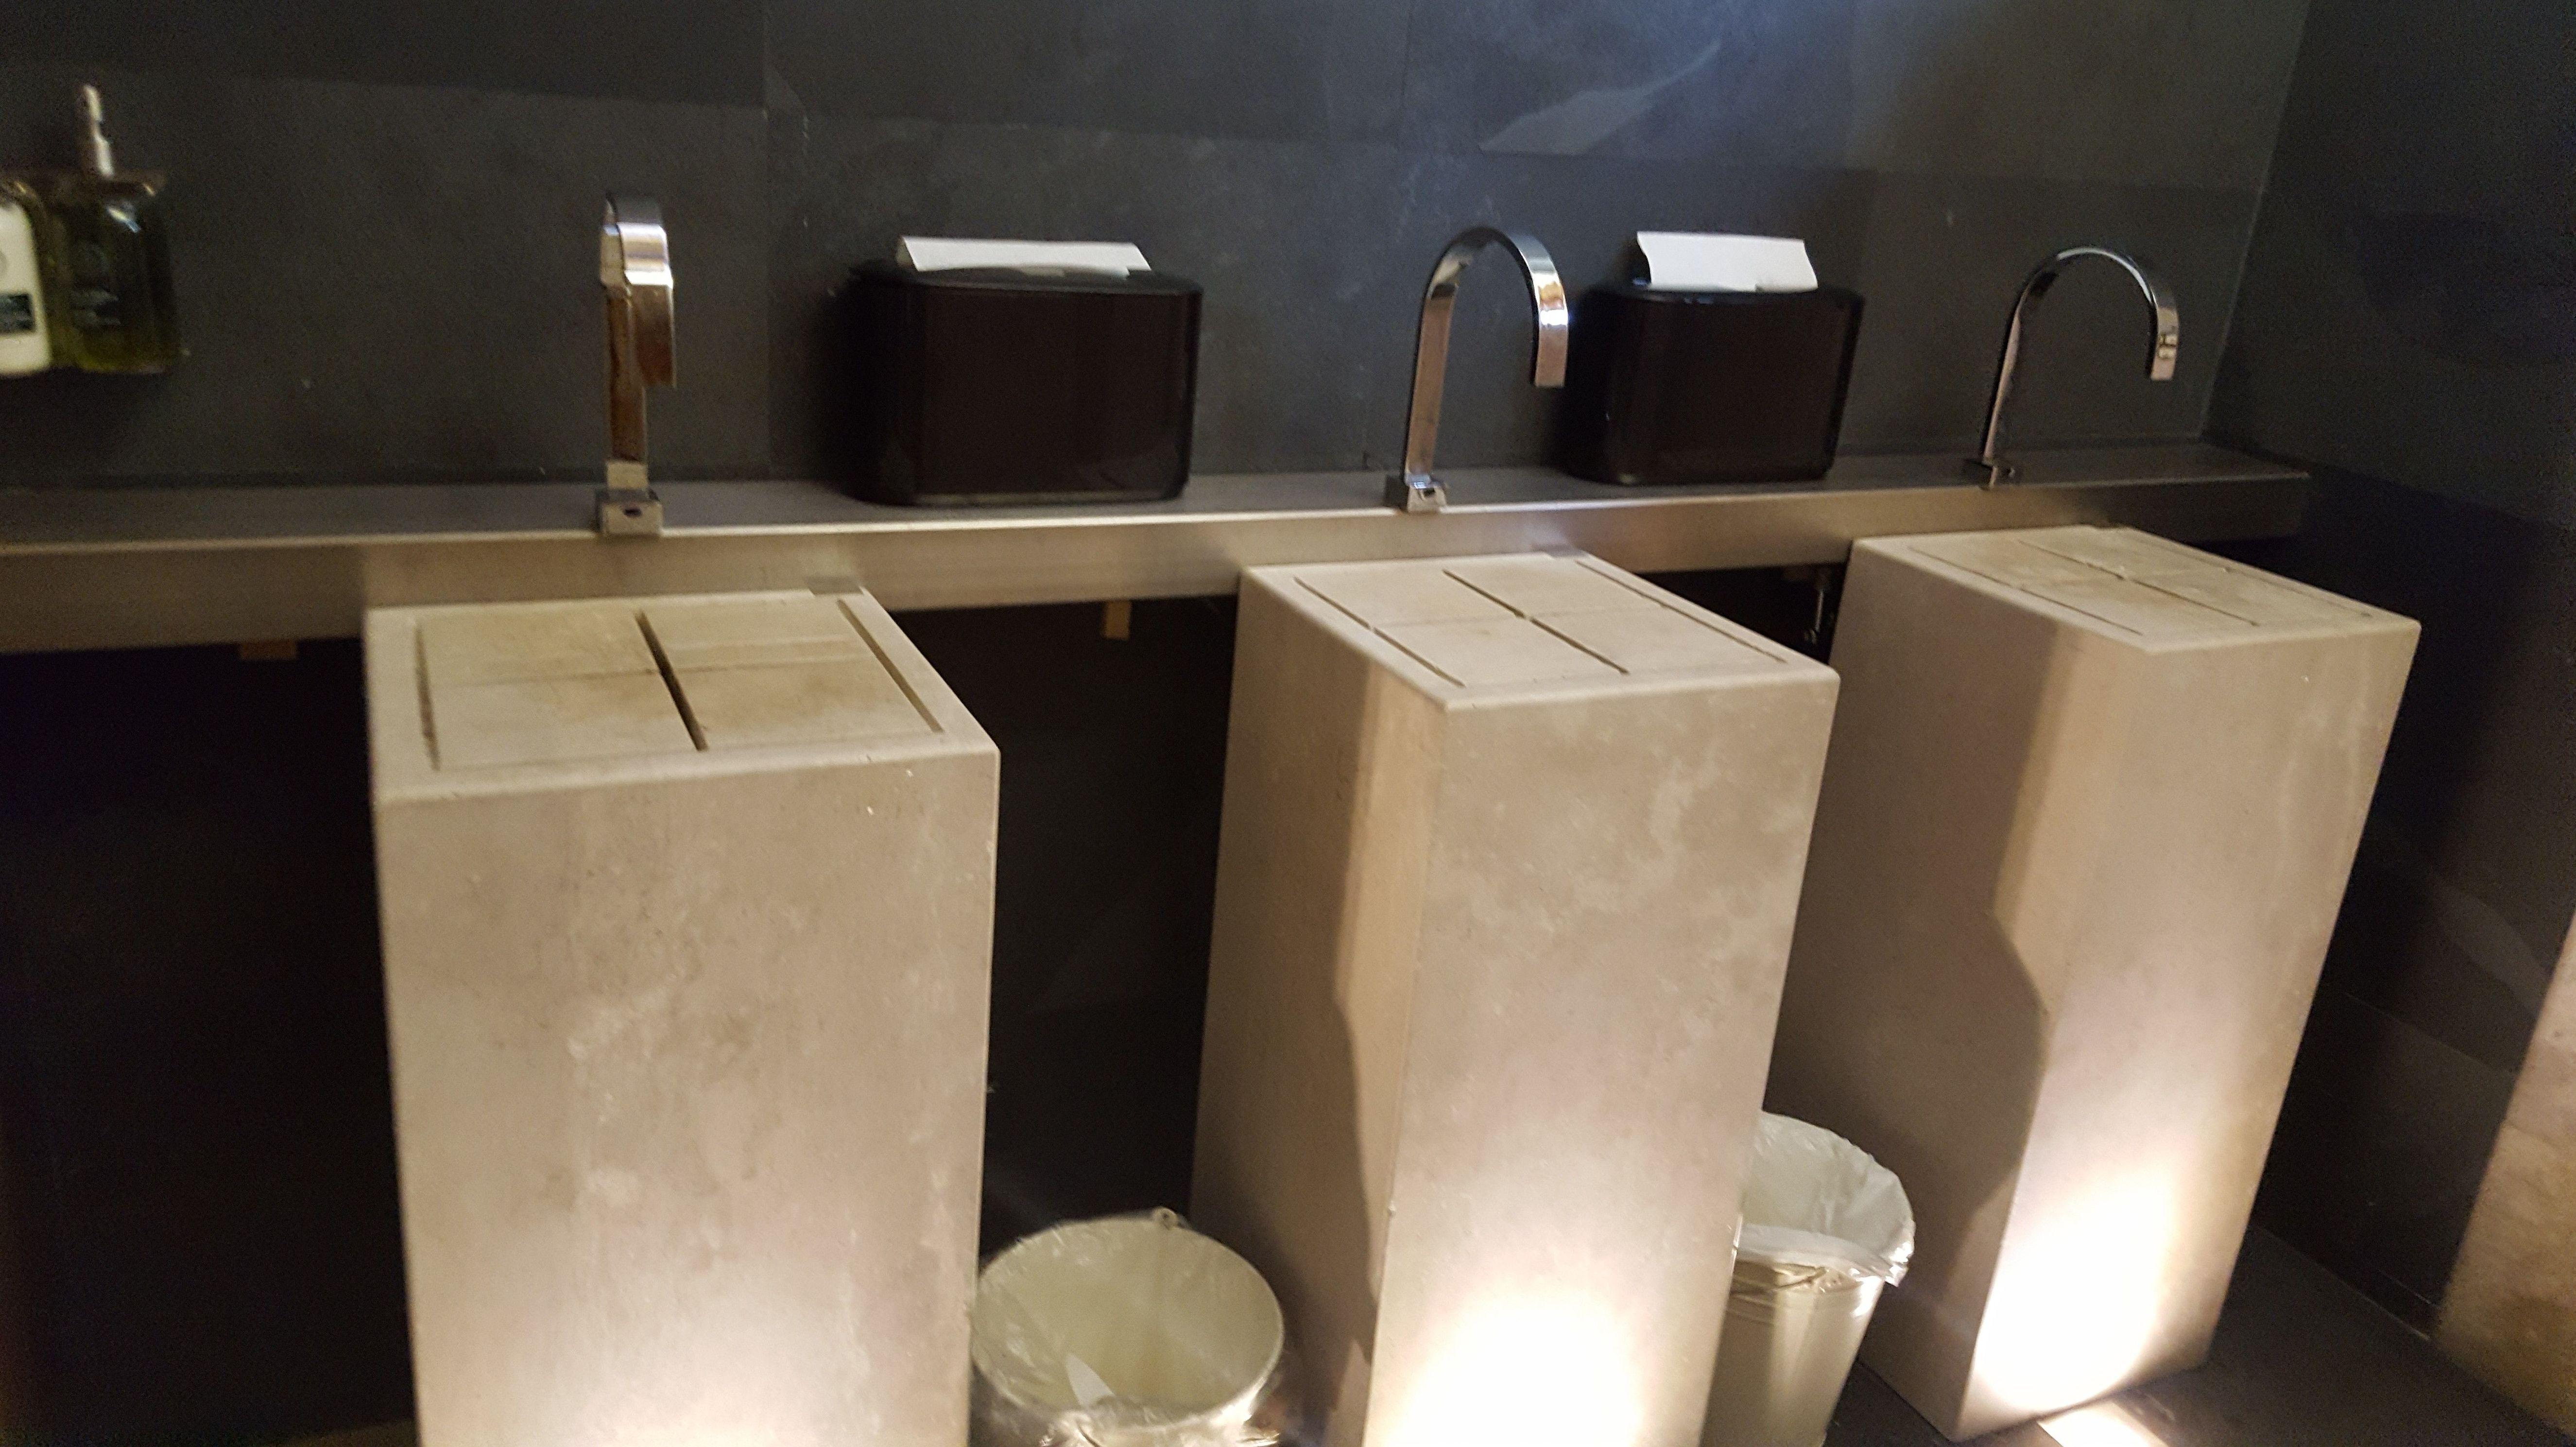 lavabos de piedra para ahorro de agua.